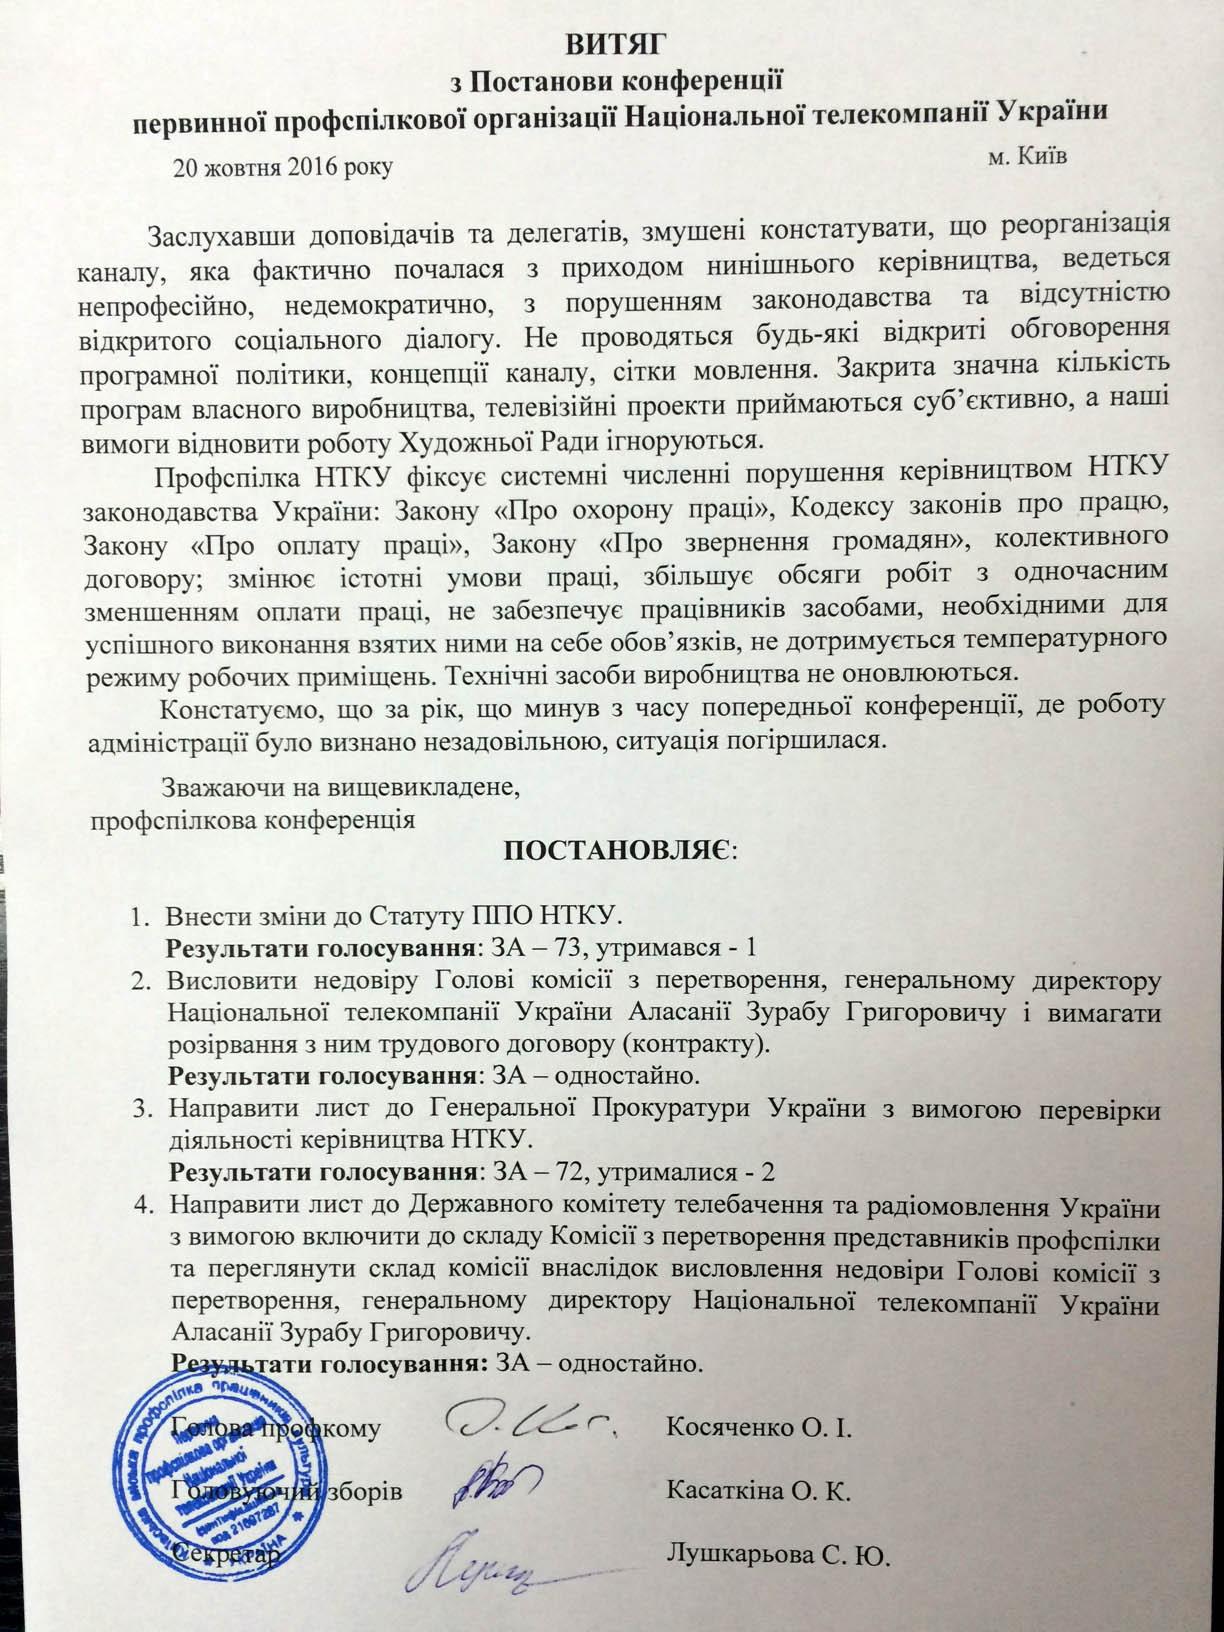 Профсоюз НТКУ выразил недоверие Зурабу Аласании и требует его отставки